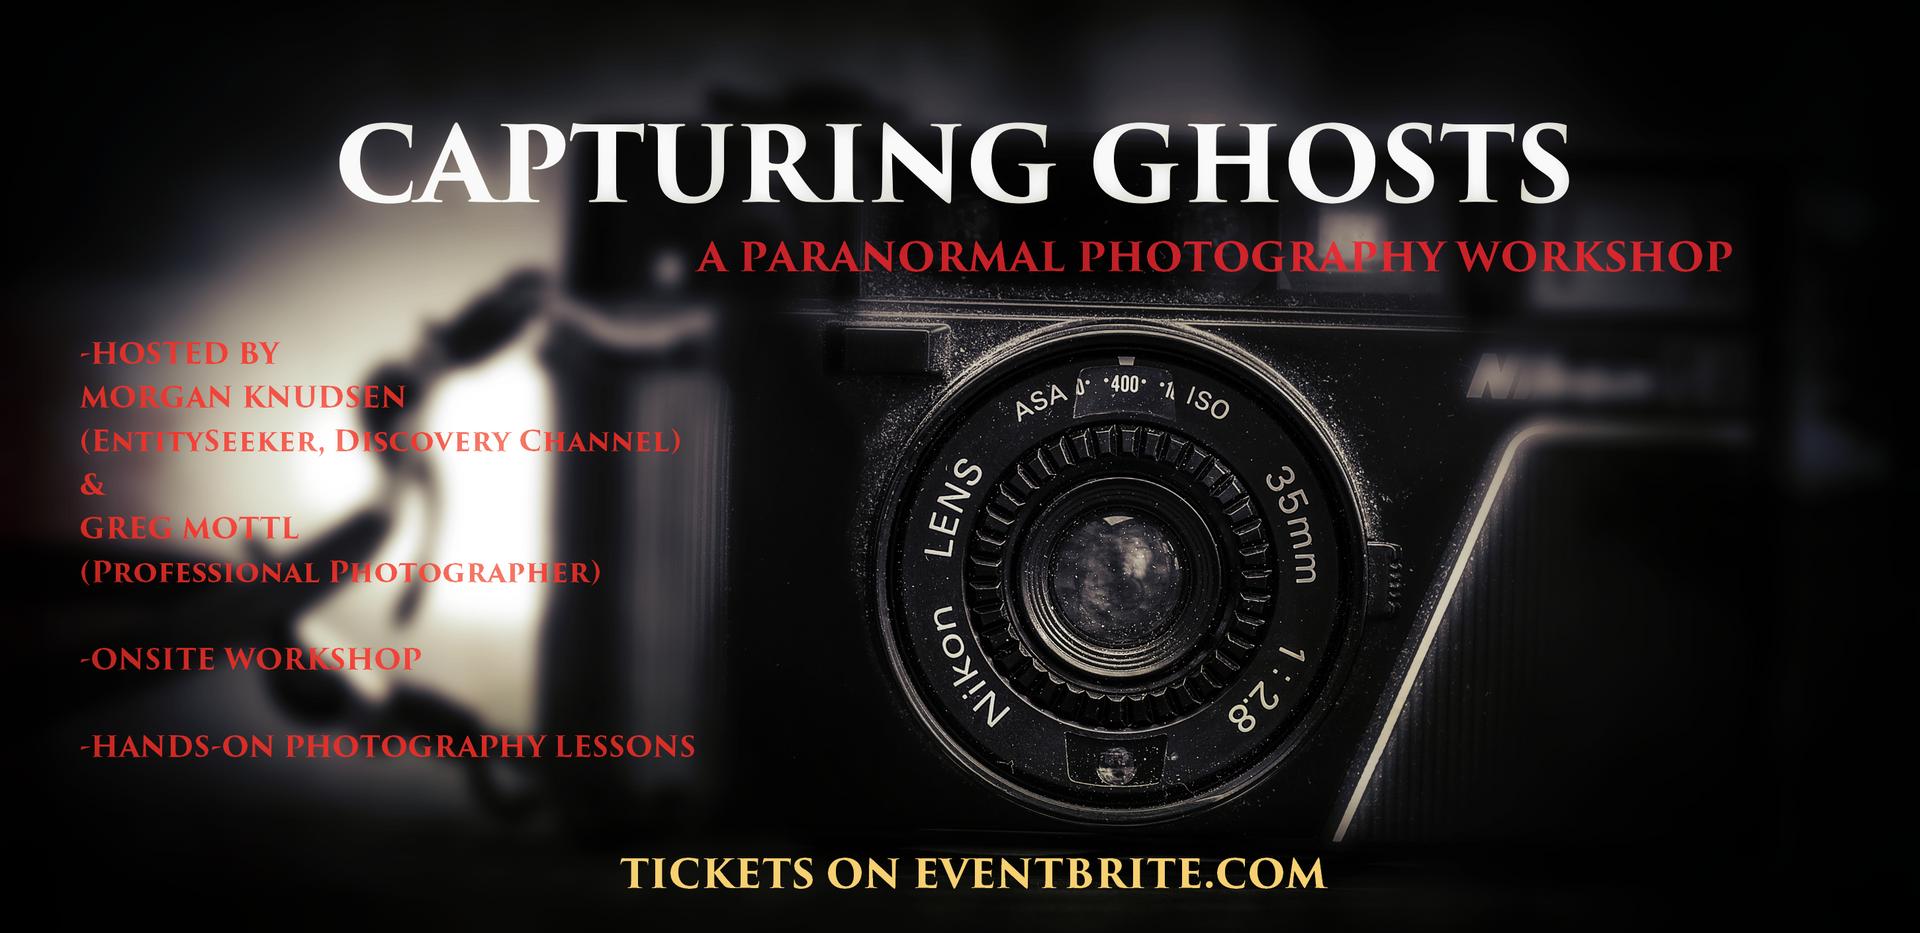 Capturing Ghosts workshop poster